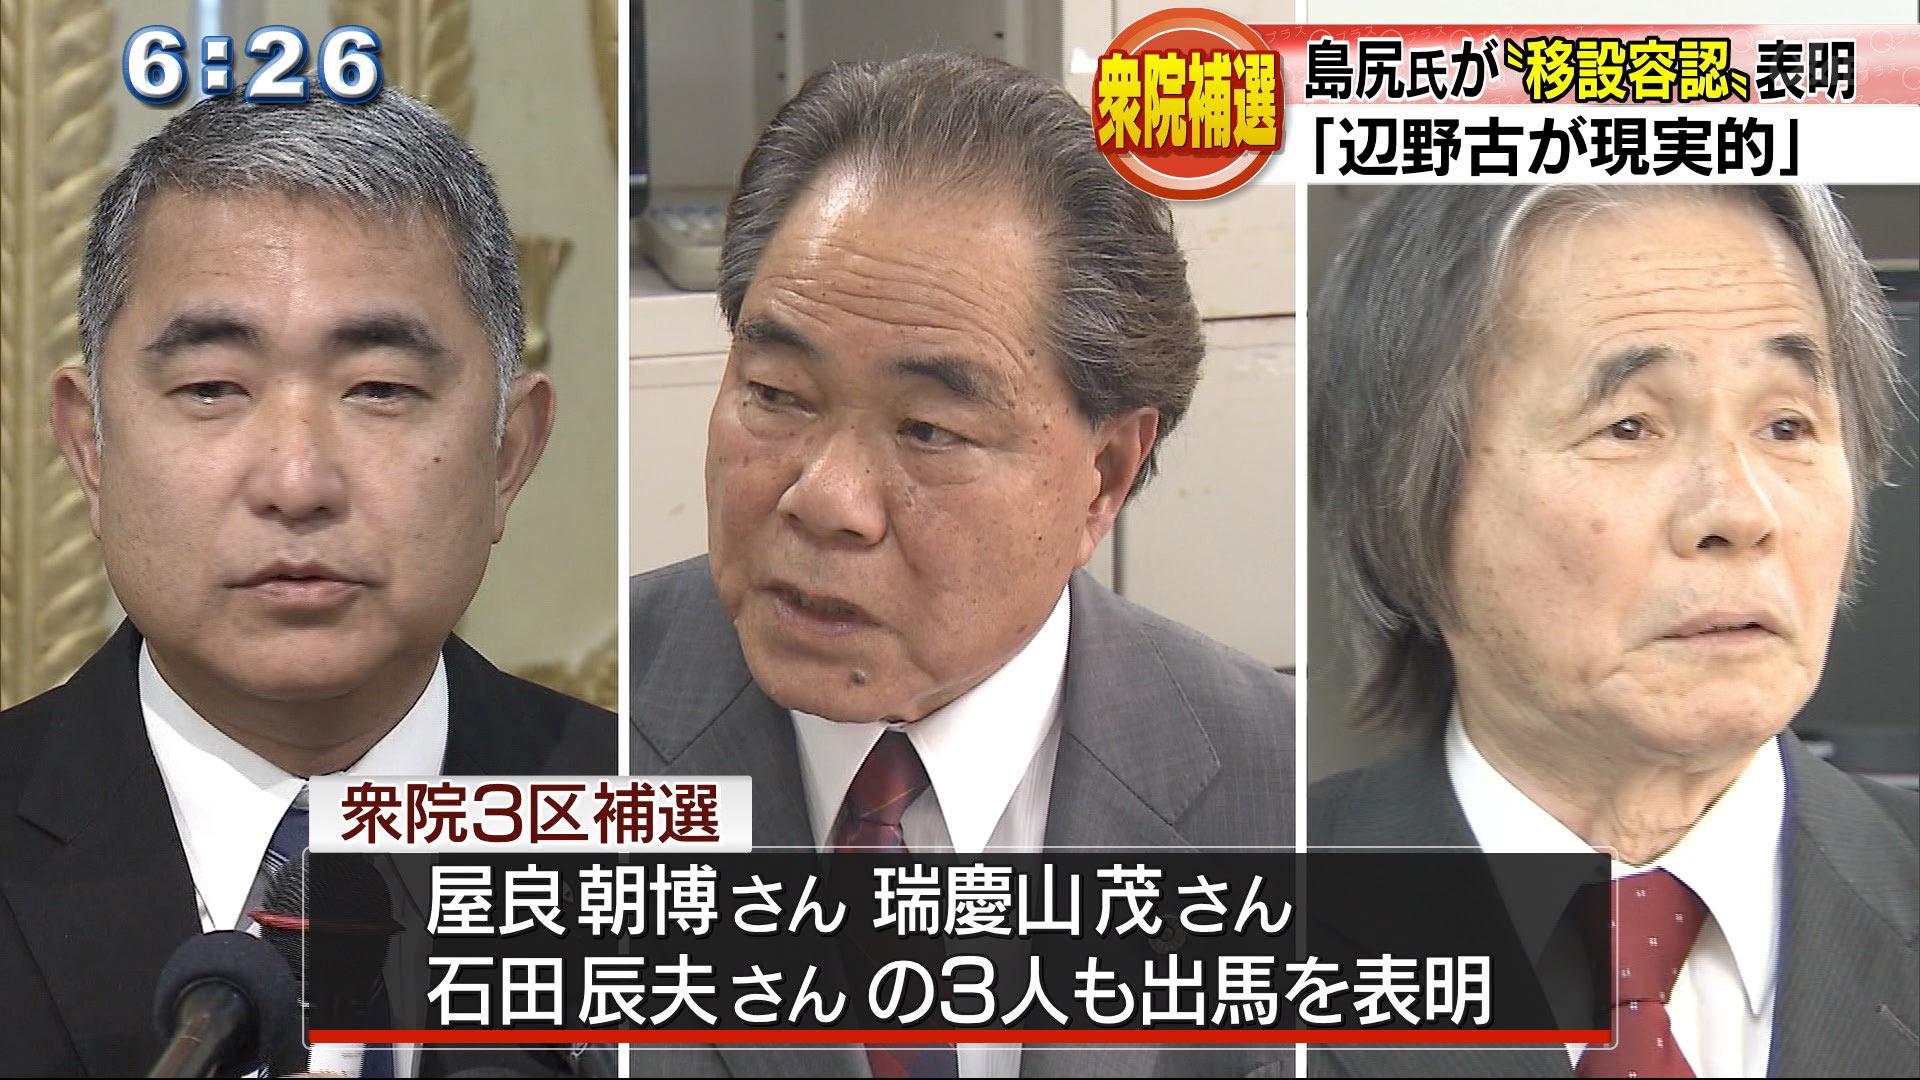 衆院沖縄3区の補欠選挙にはフリージャーナリストの屋良朝博さん、弁護士の瑞慶山茂さん、石田辰夫さんの3人も出馬を表明しています。